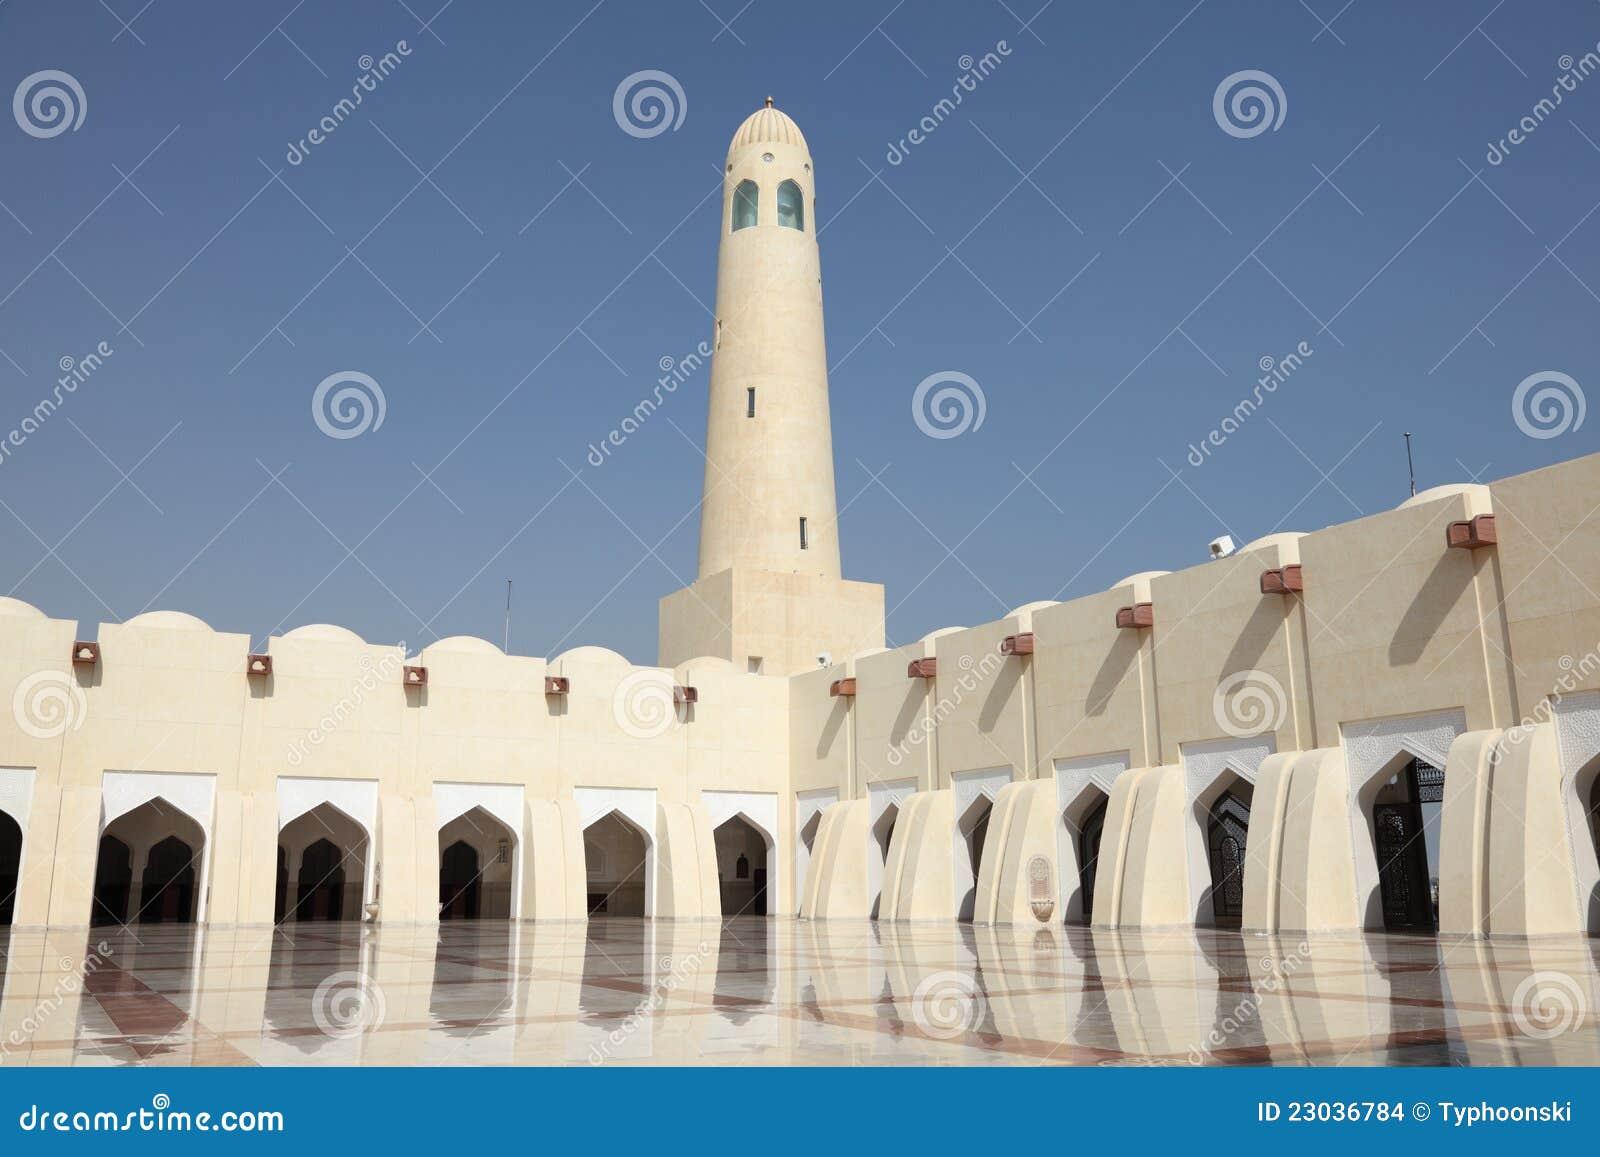 μεγάλο κράτος του Κατάρ μουσουλμανικών τεμενών doha